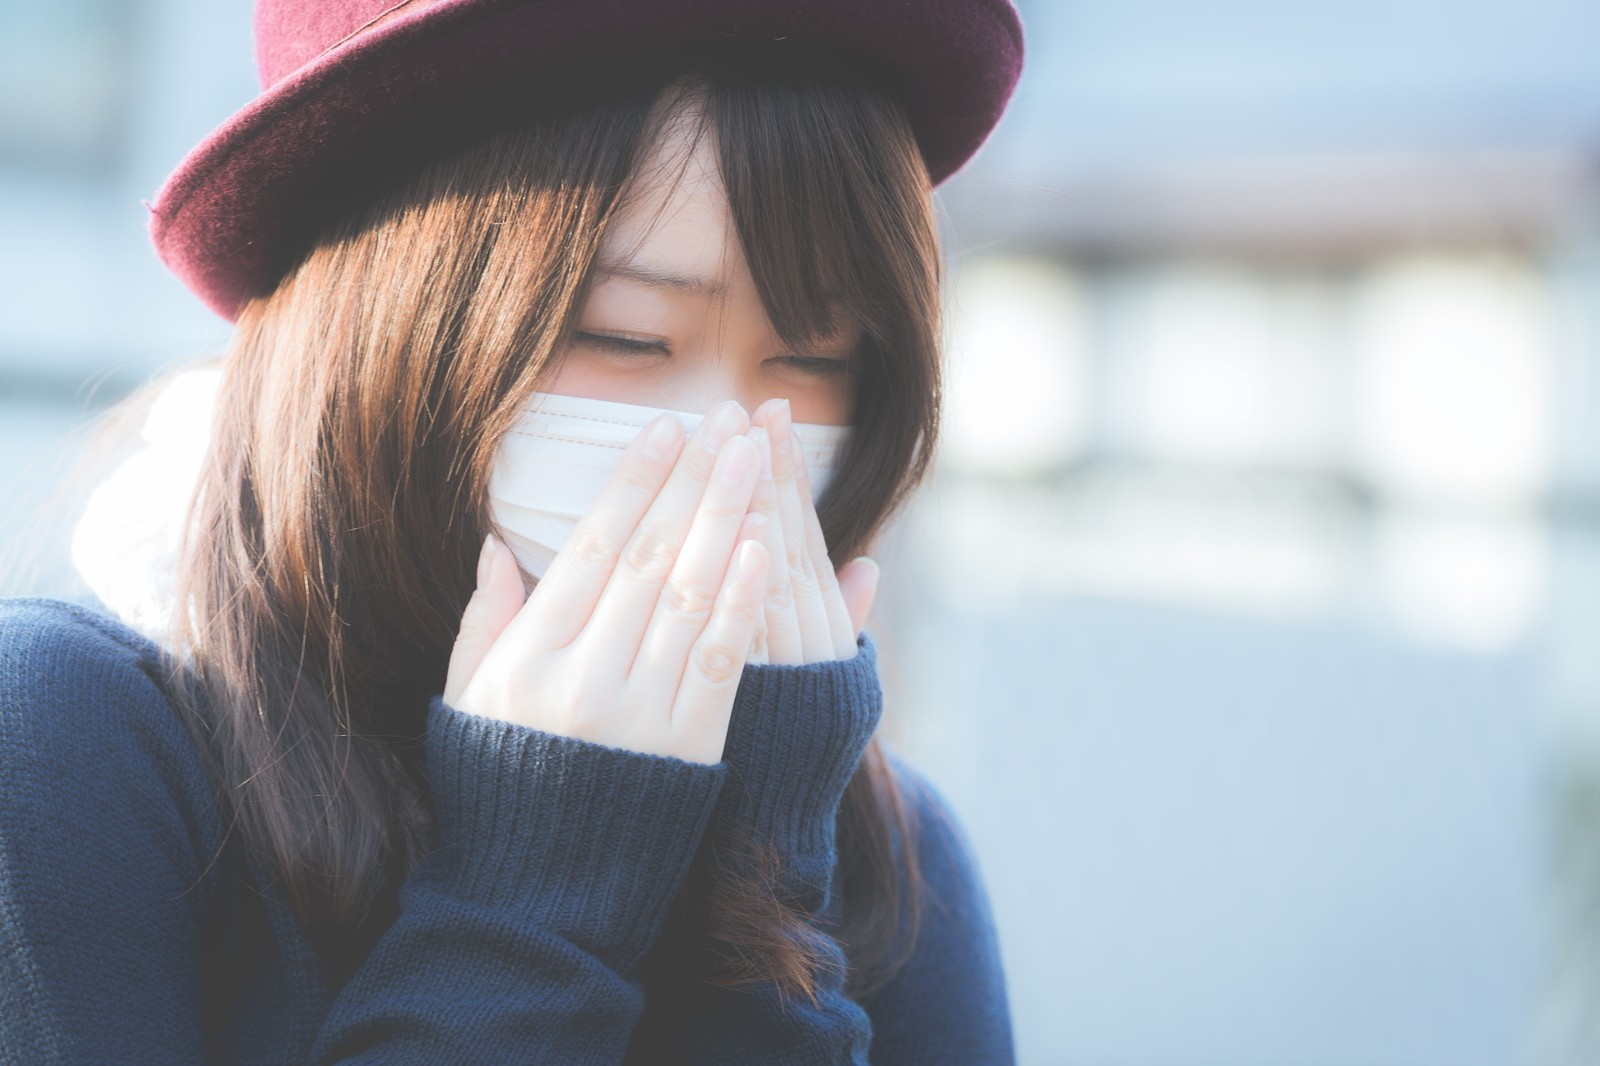 花粉がつらい!舌下免疫療法の費用や効果は?根治するの?